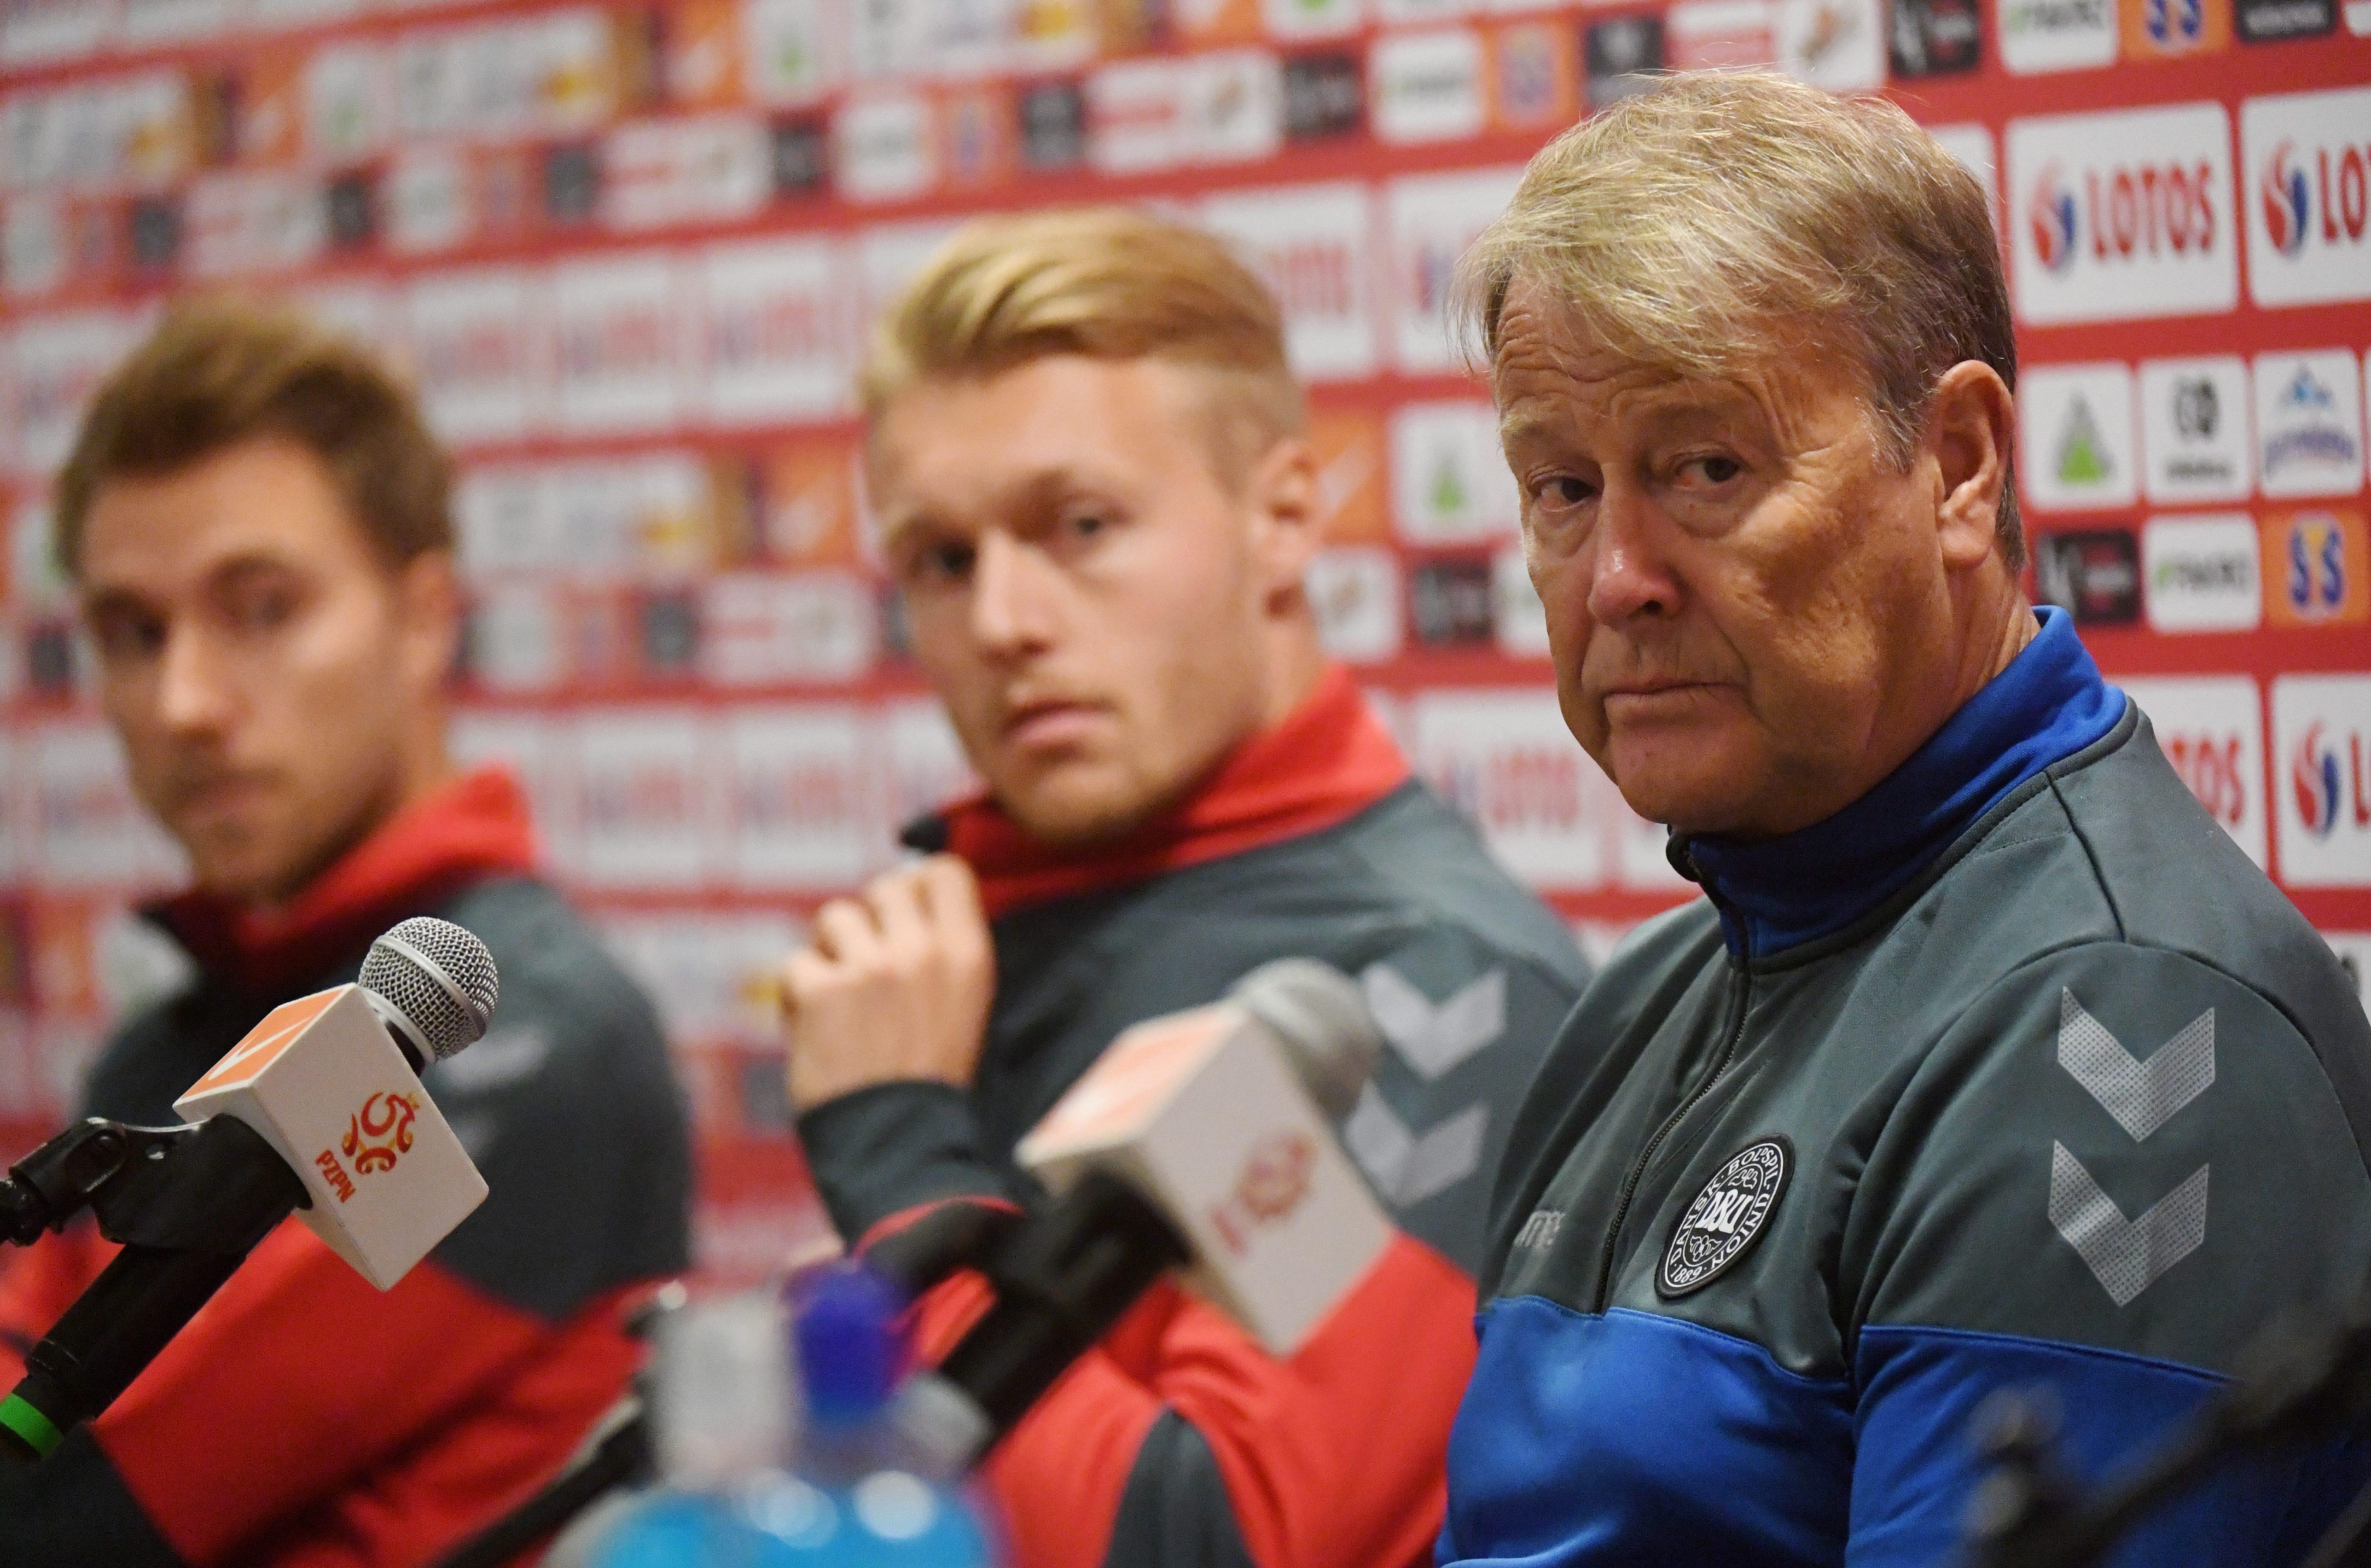 Cine pe cine demite? Meciul România - Danemarca este decisiv pentru selecționerii Christoph Daum și Age Hareide